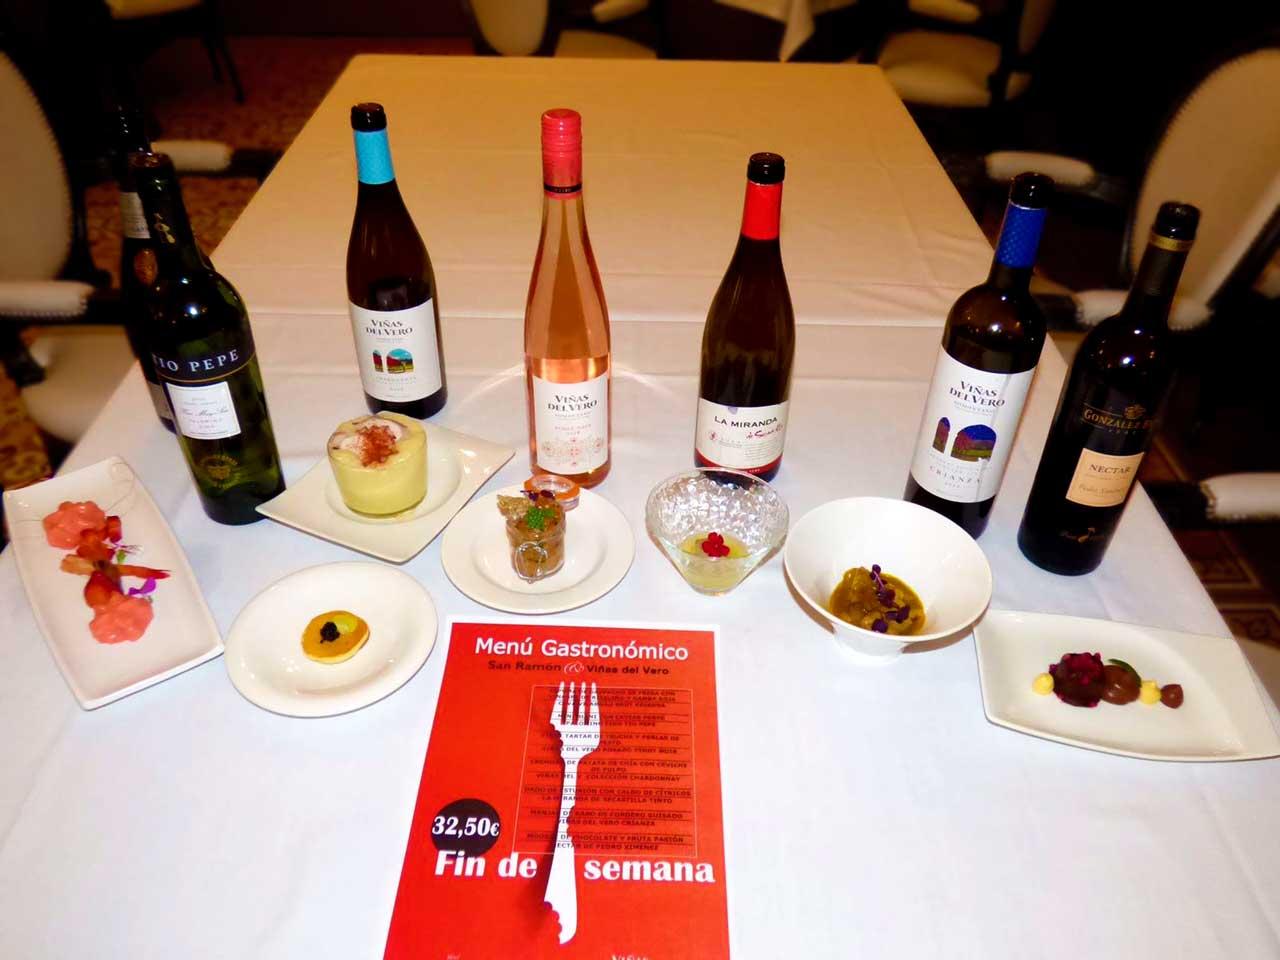 Menú Gastronómico Restaurante San Ramón y Viñas del Vero